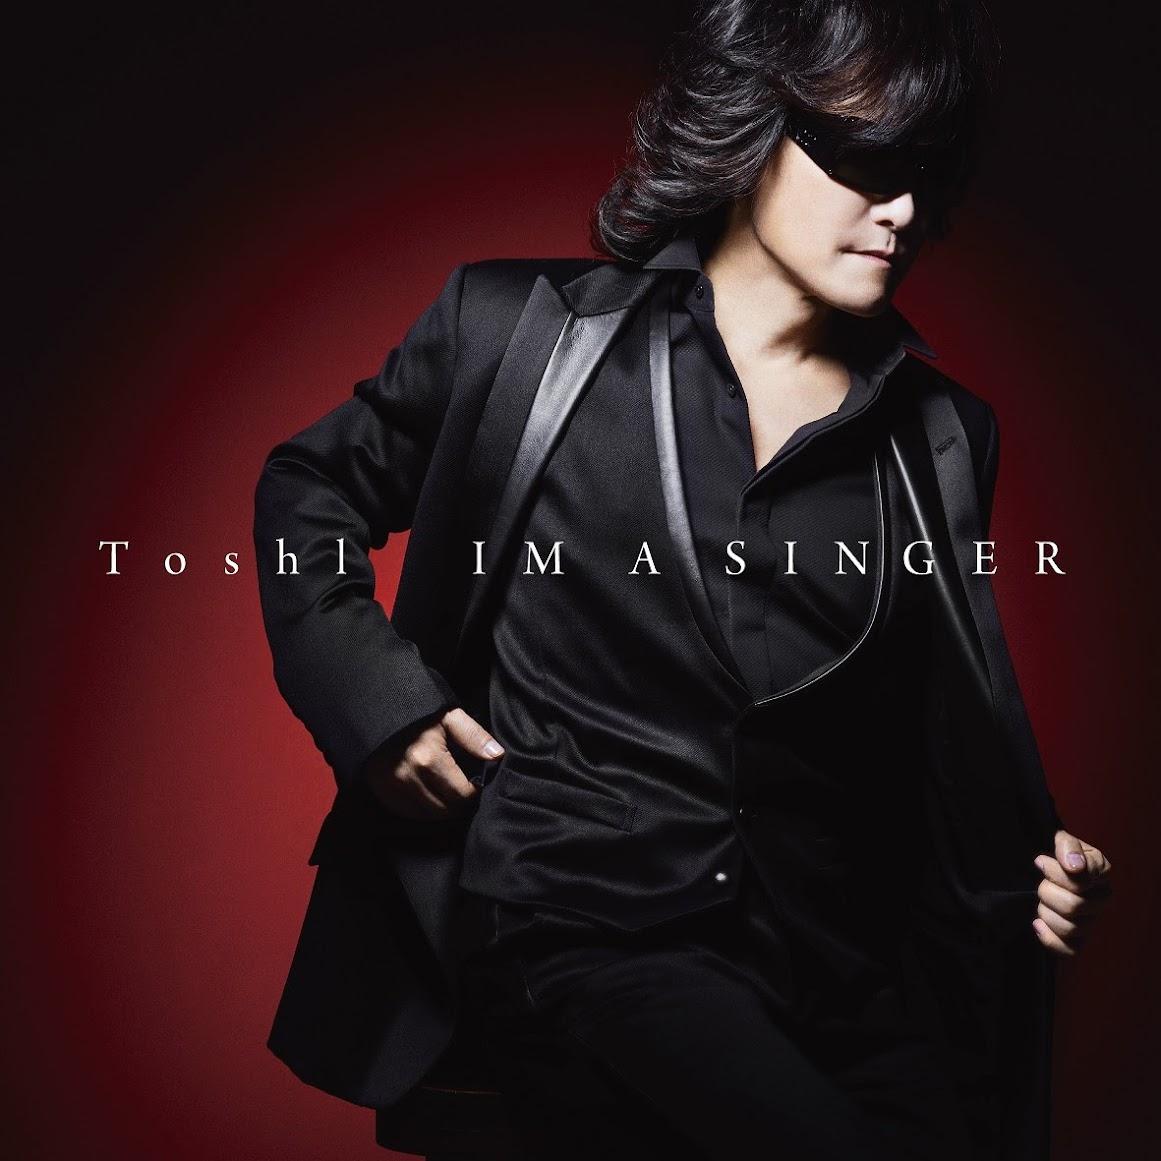 [迷迷音樂] X JAPAN 主唱 Toshl 翻唱專輯《IM A SINGER》  希望成為能陪伴在大家身邊的作品